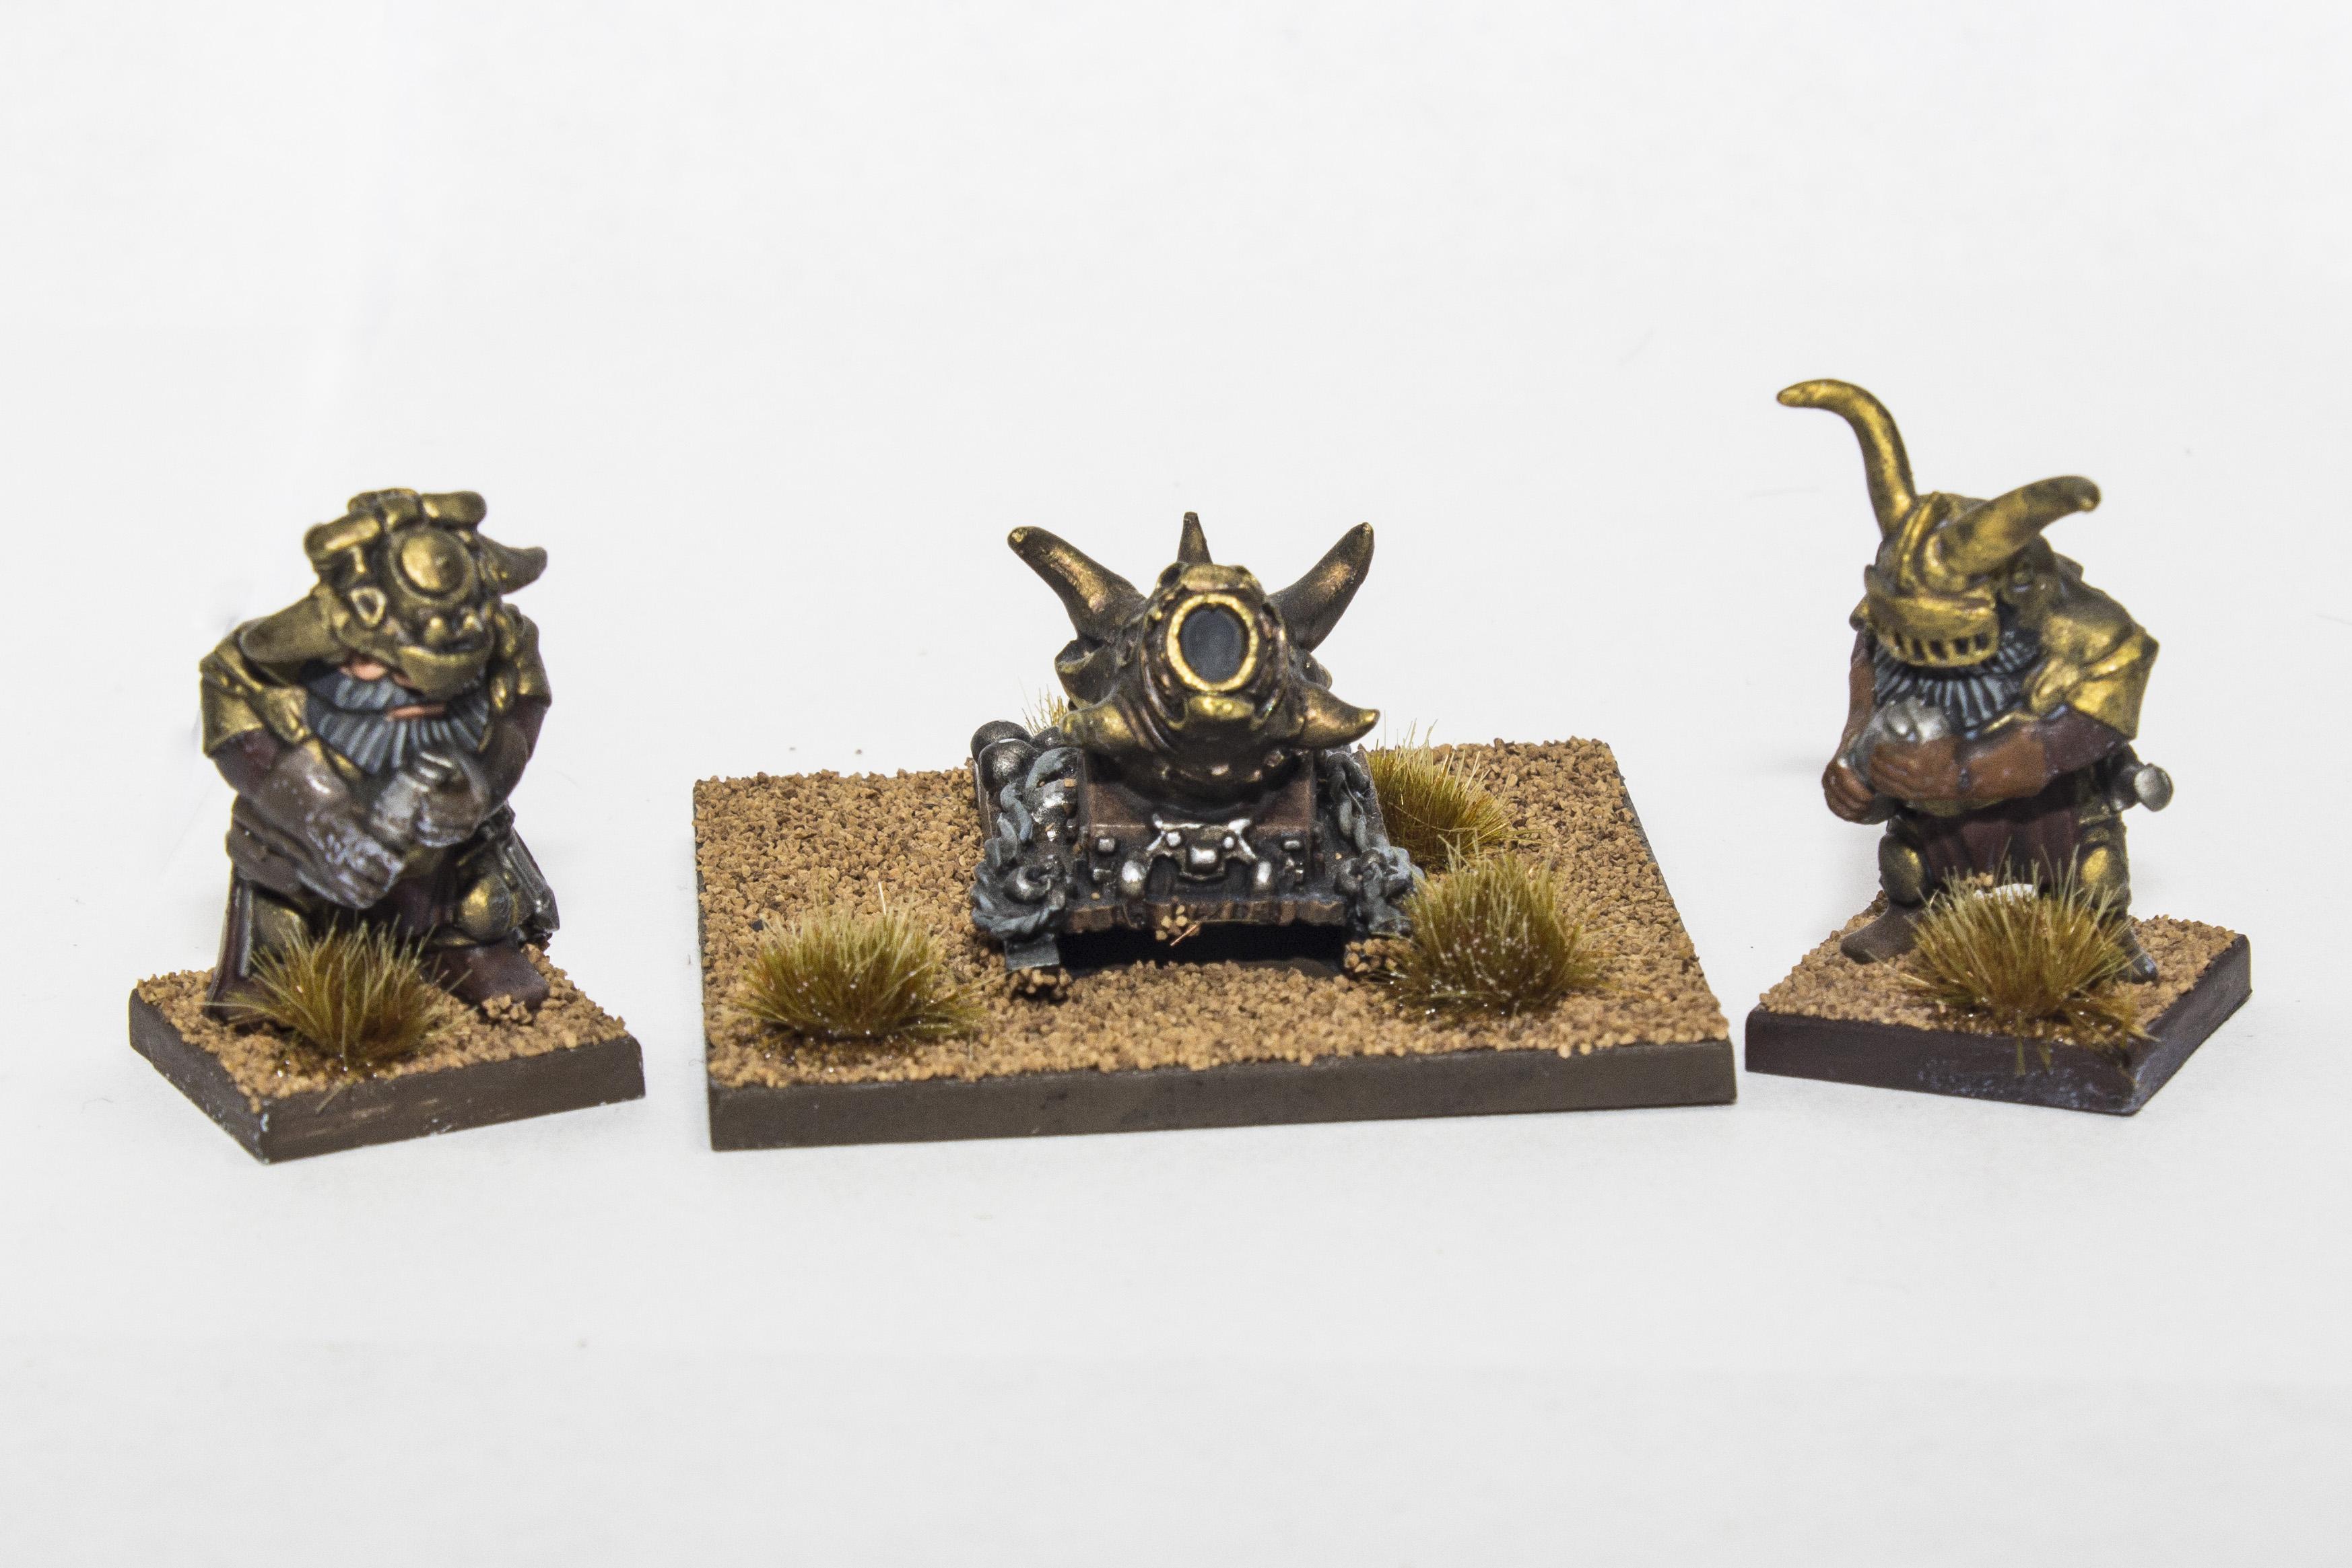 Abyssal_Dwarves_G'rog_Mortar